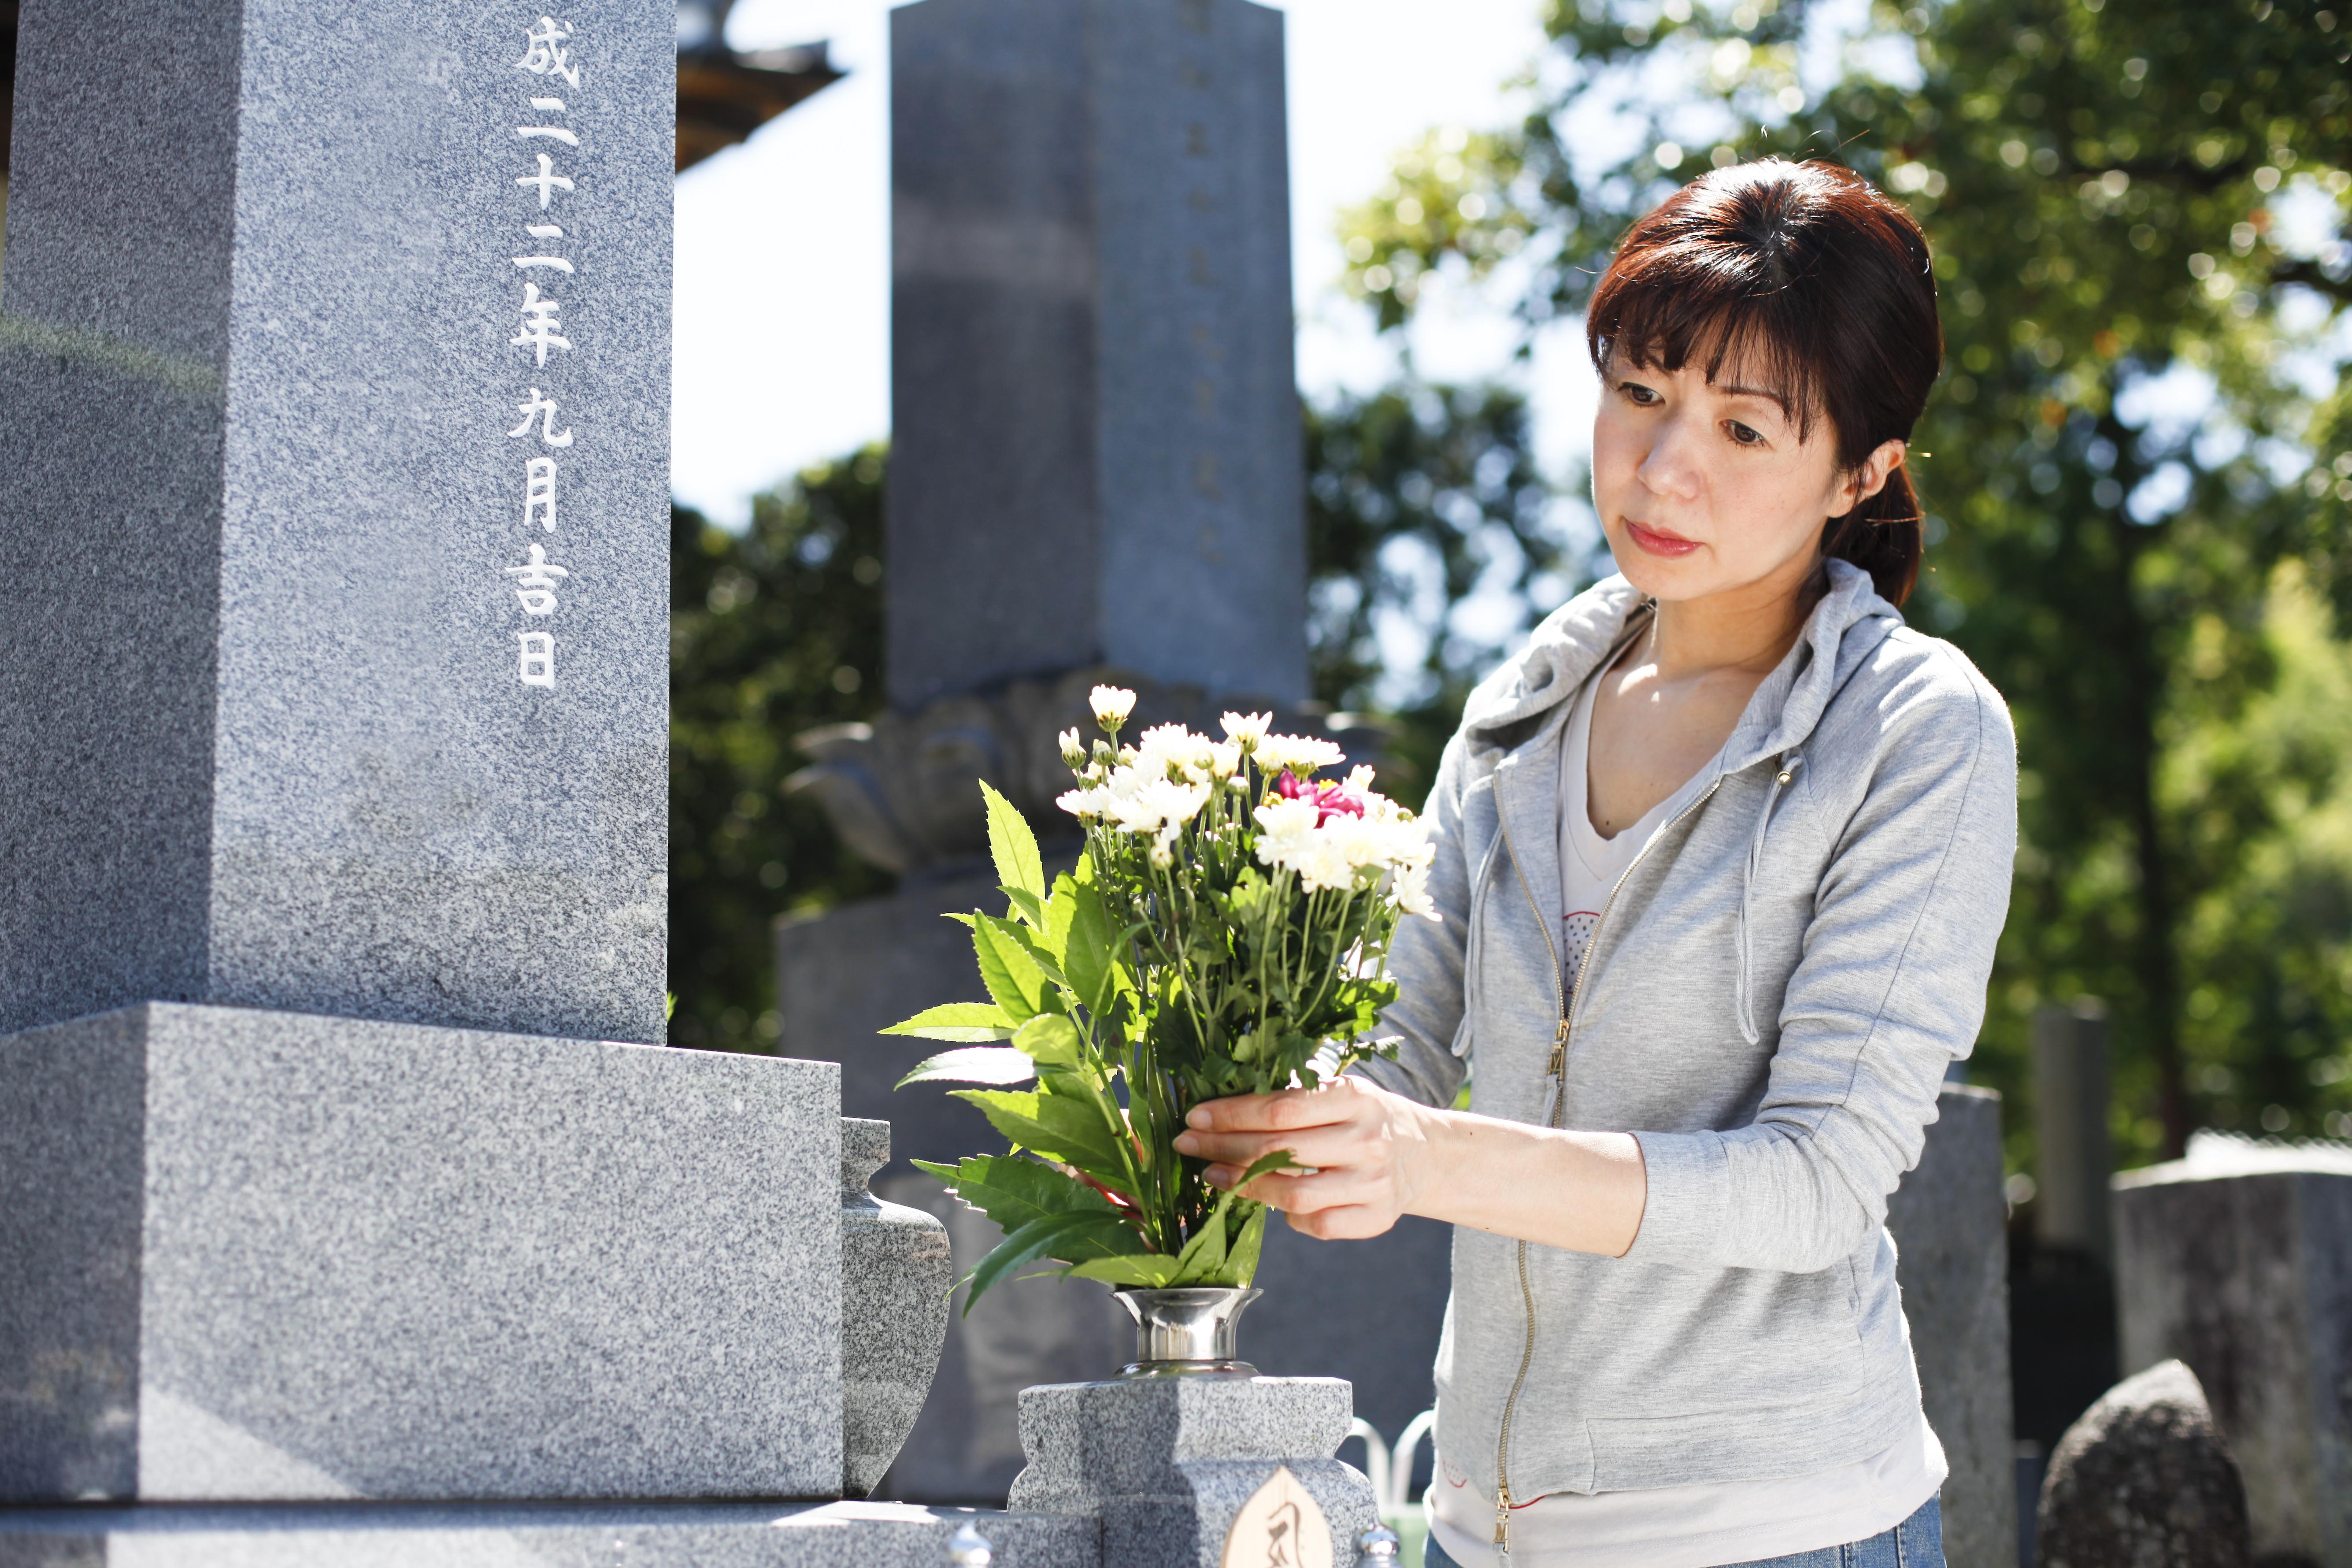 東京都の葬儀・お葬式の基本情報【事情・しきたり】のサムネイル画像